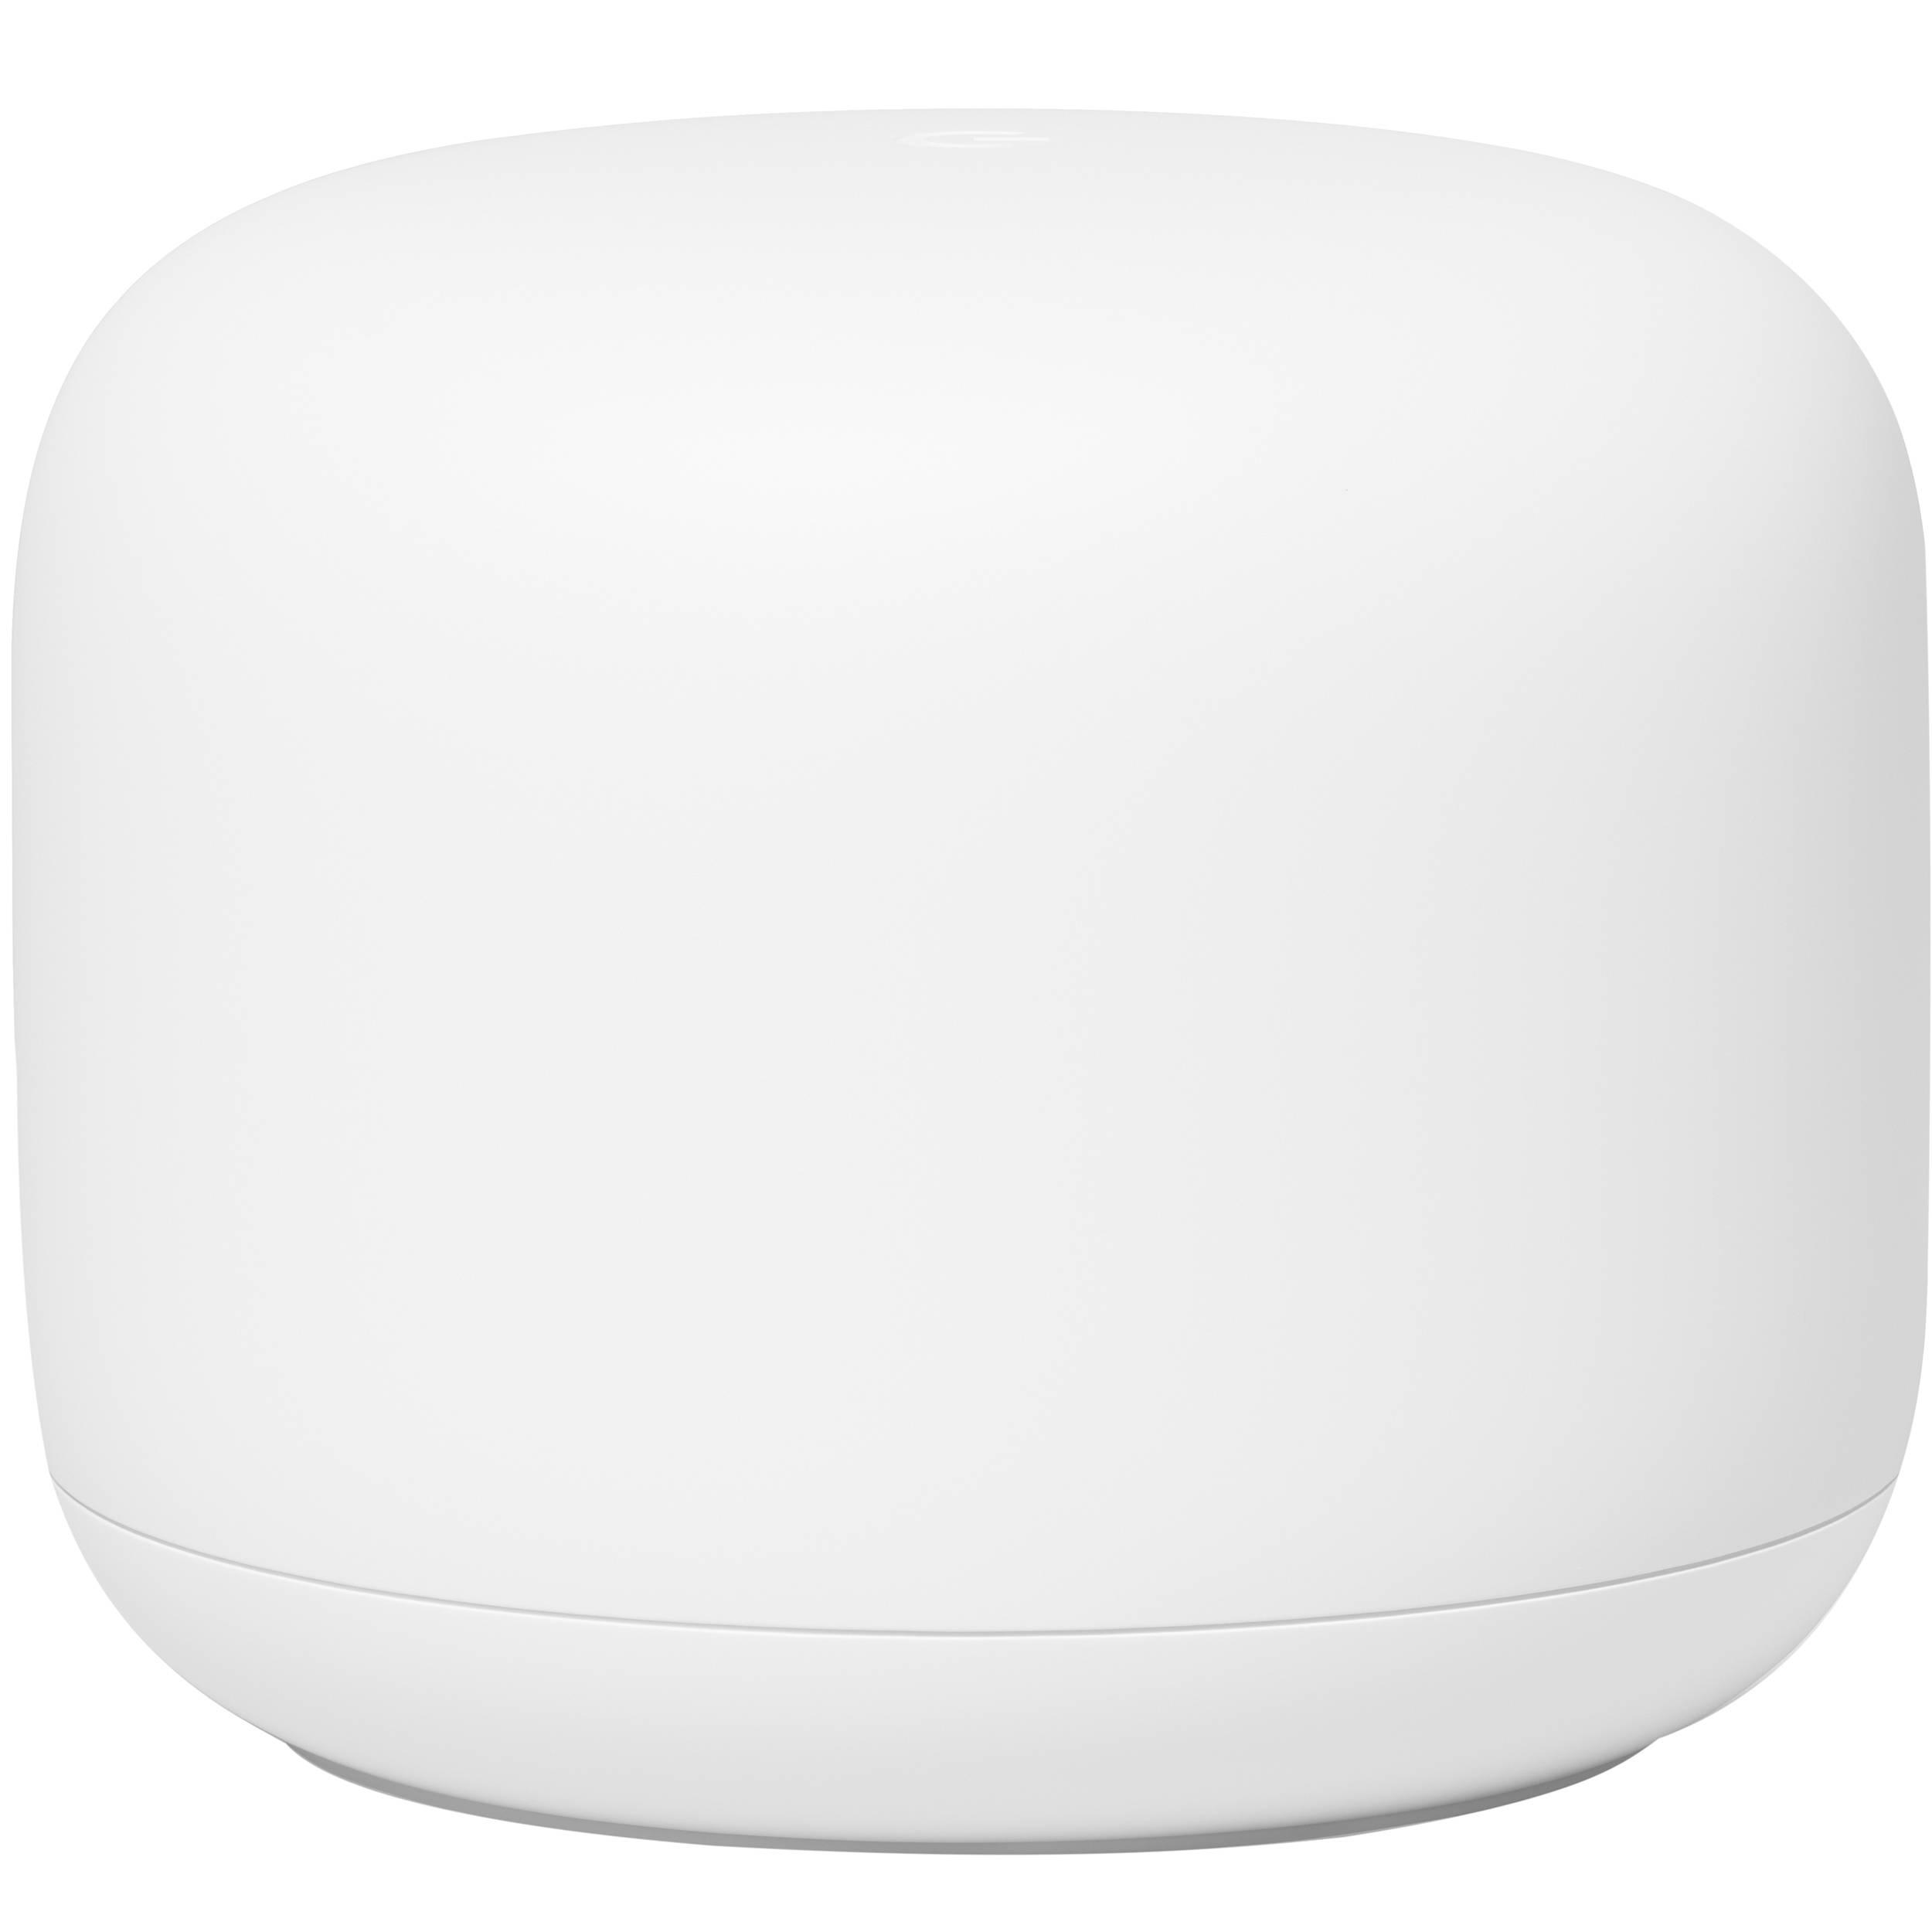 Wifi nest